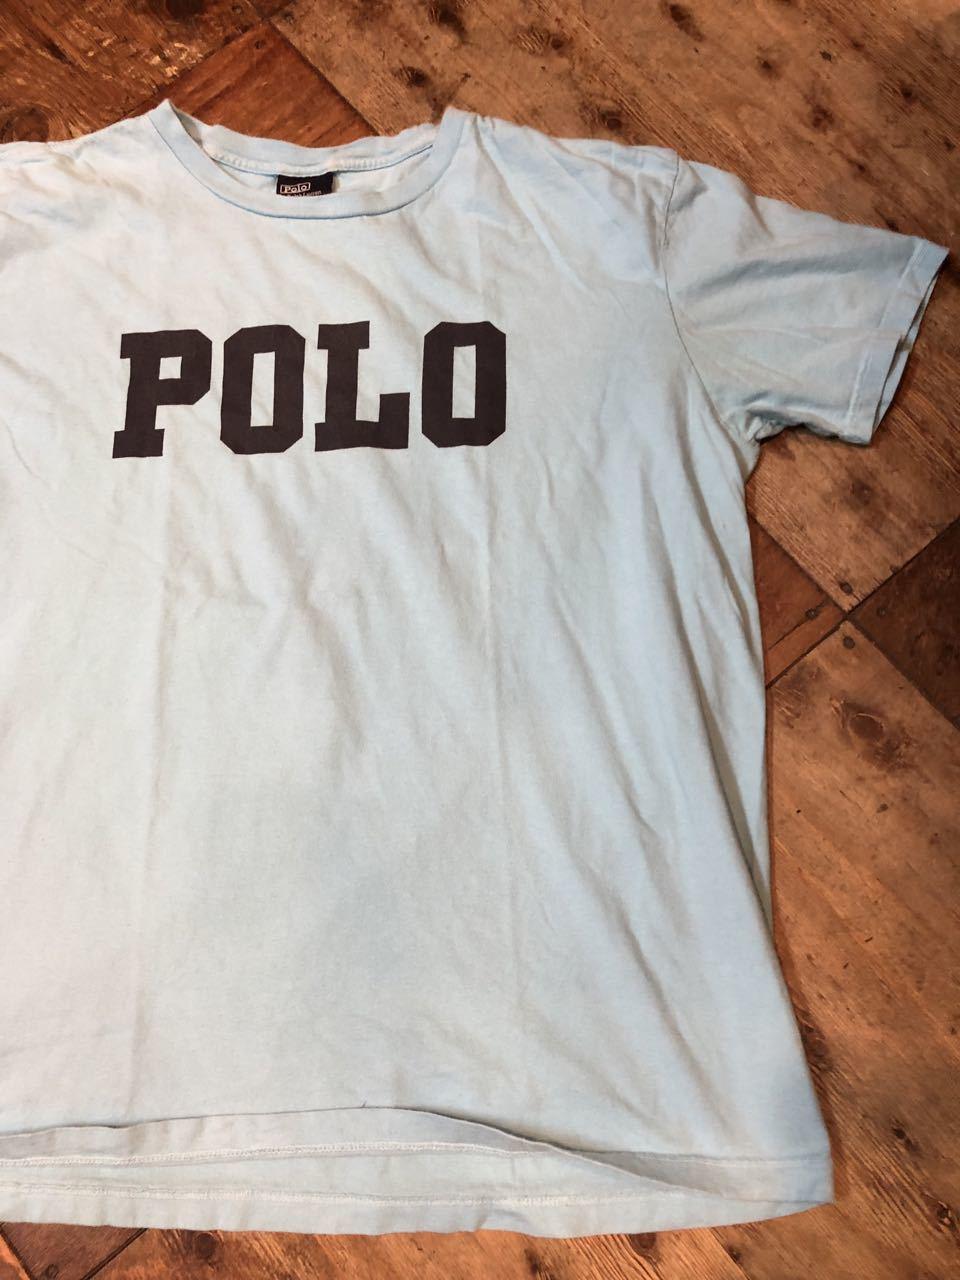 6月3日(月)入荷!POLO ラルフローレン Tシャツ!_c0144020_13193825.jpg